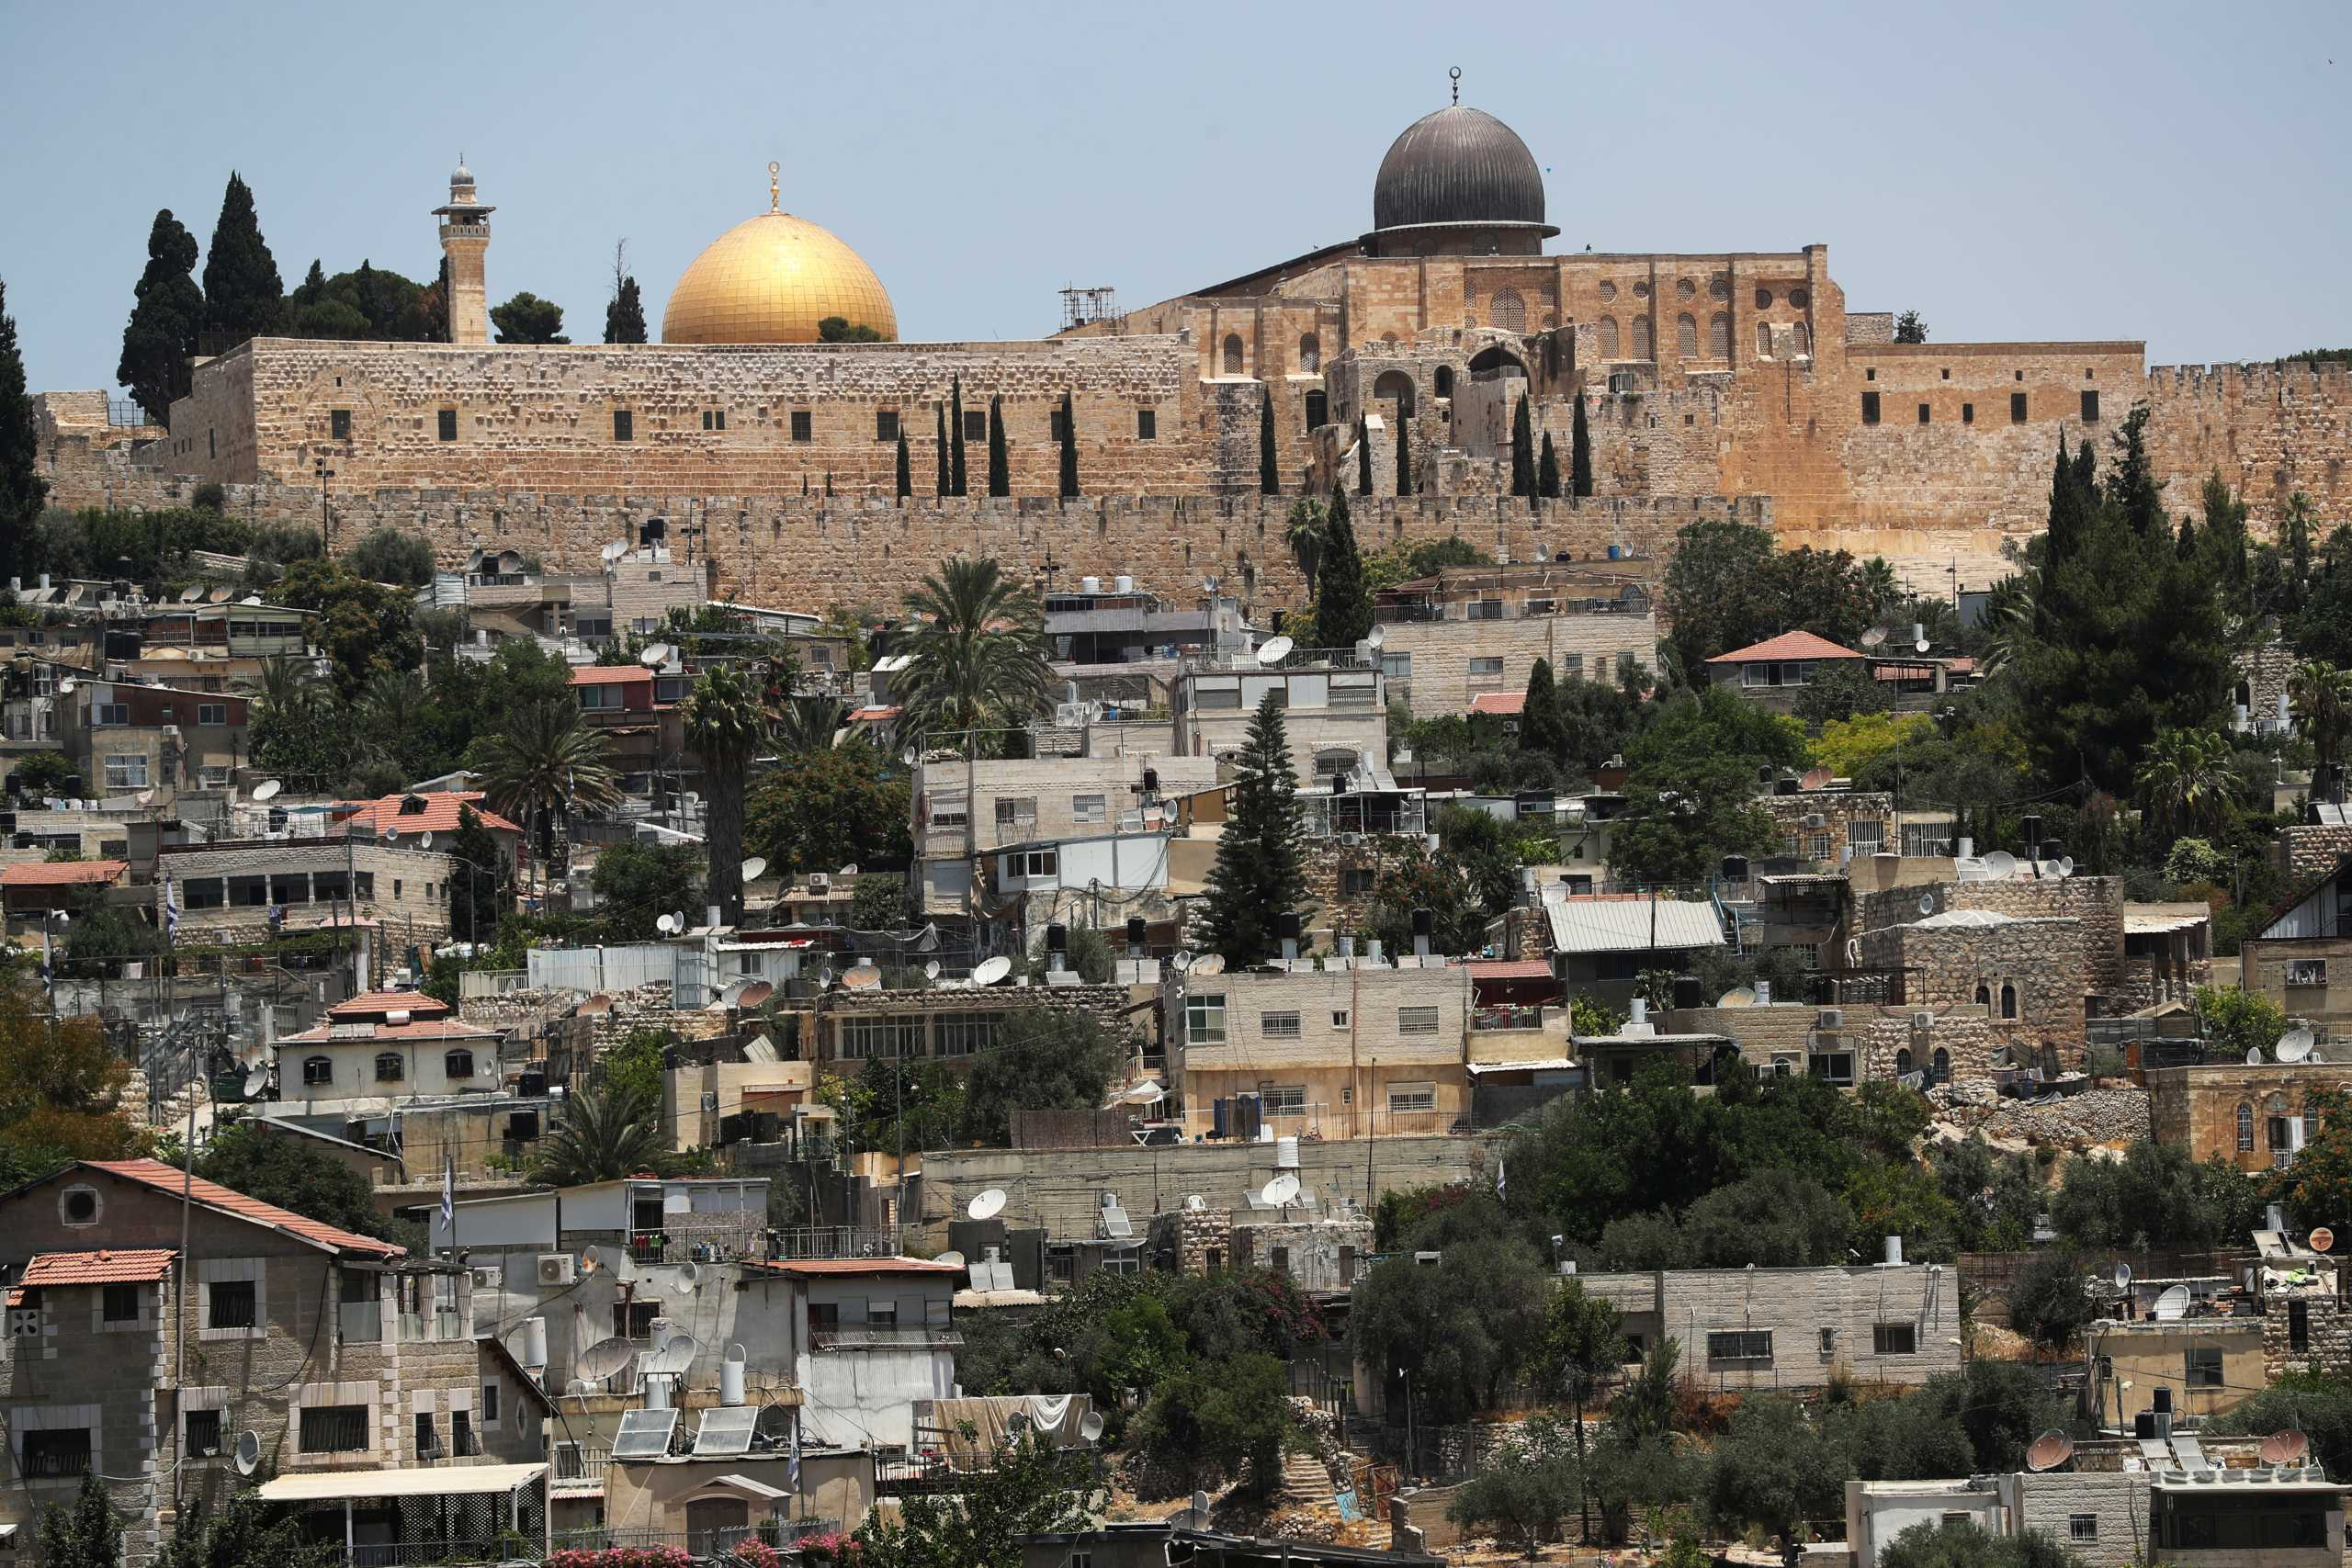 Αίθουσα συμποσίων από την εποχή του δεύτερου Ναού αποκάλυψε η αρχαιολογική σκαπάνη στην Παλιά Πόλη της Ιερουσαλήμ